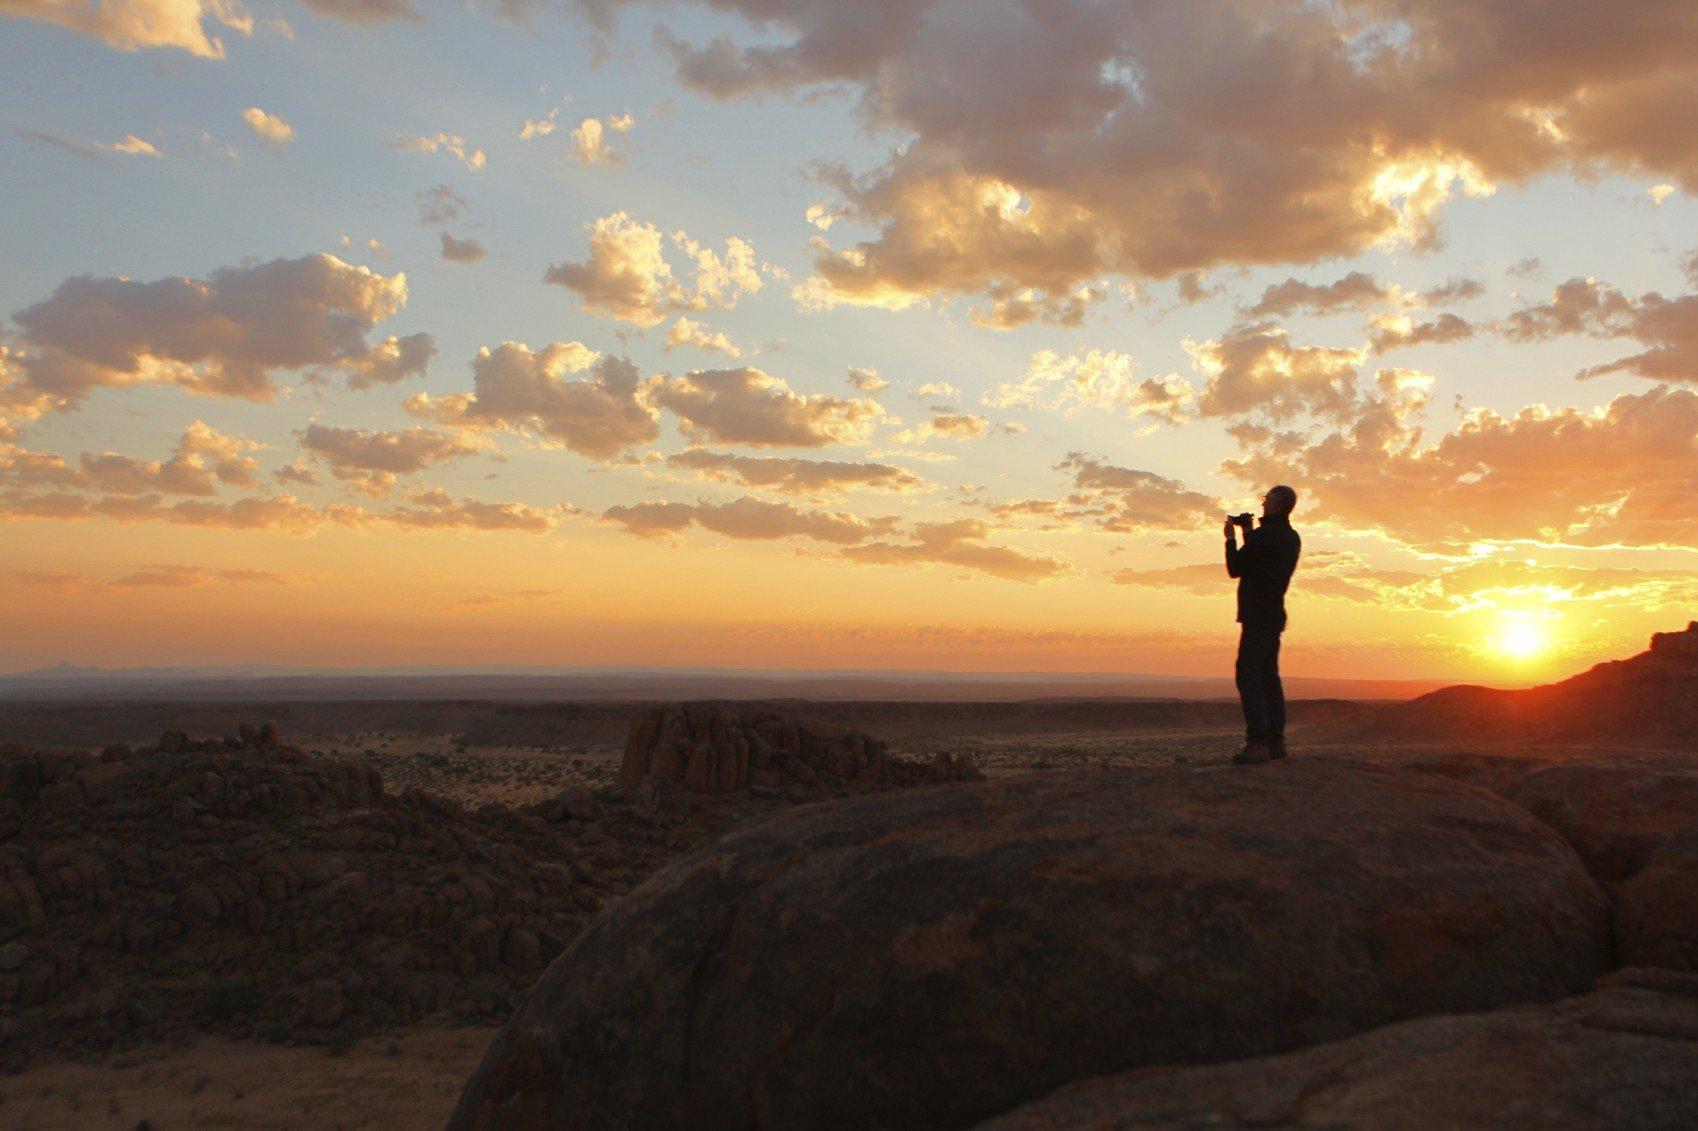 iStock_000060104052_Medium Sunset in der Nähe Fish River Canyon Felsen.jpg